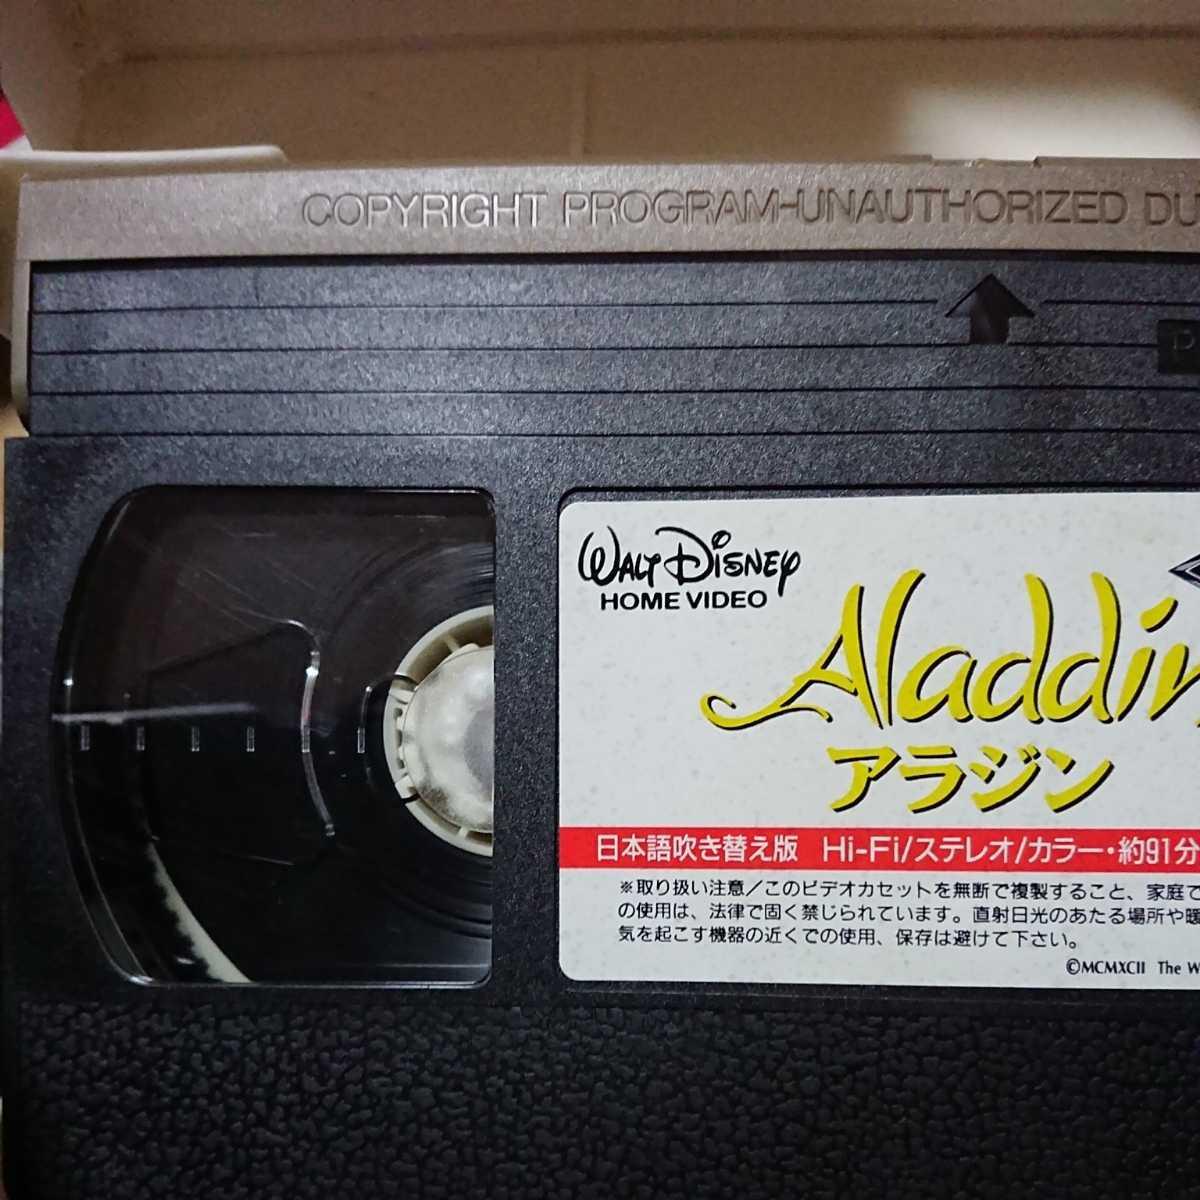 アラジン 日本語吹き替え版 VHS ビデオテープ ディズニー